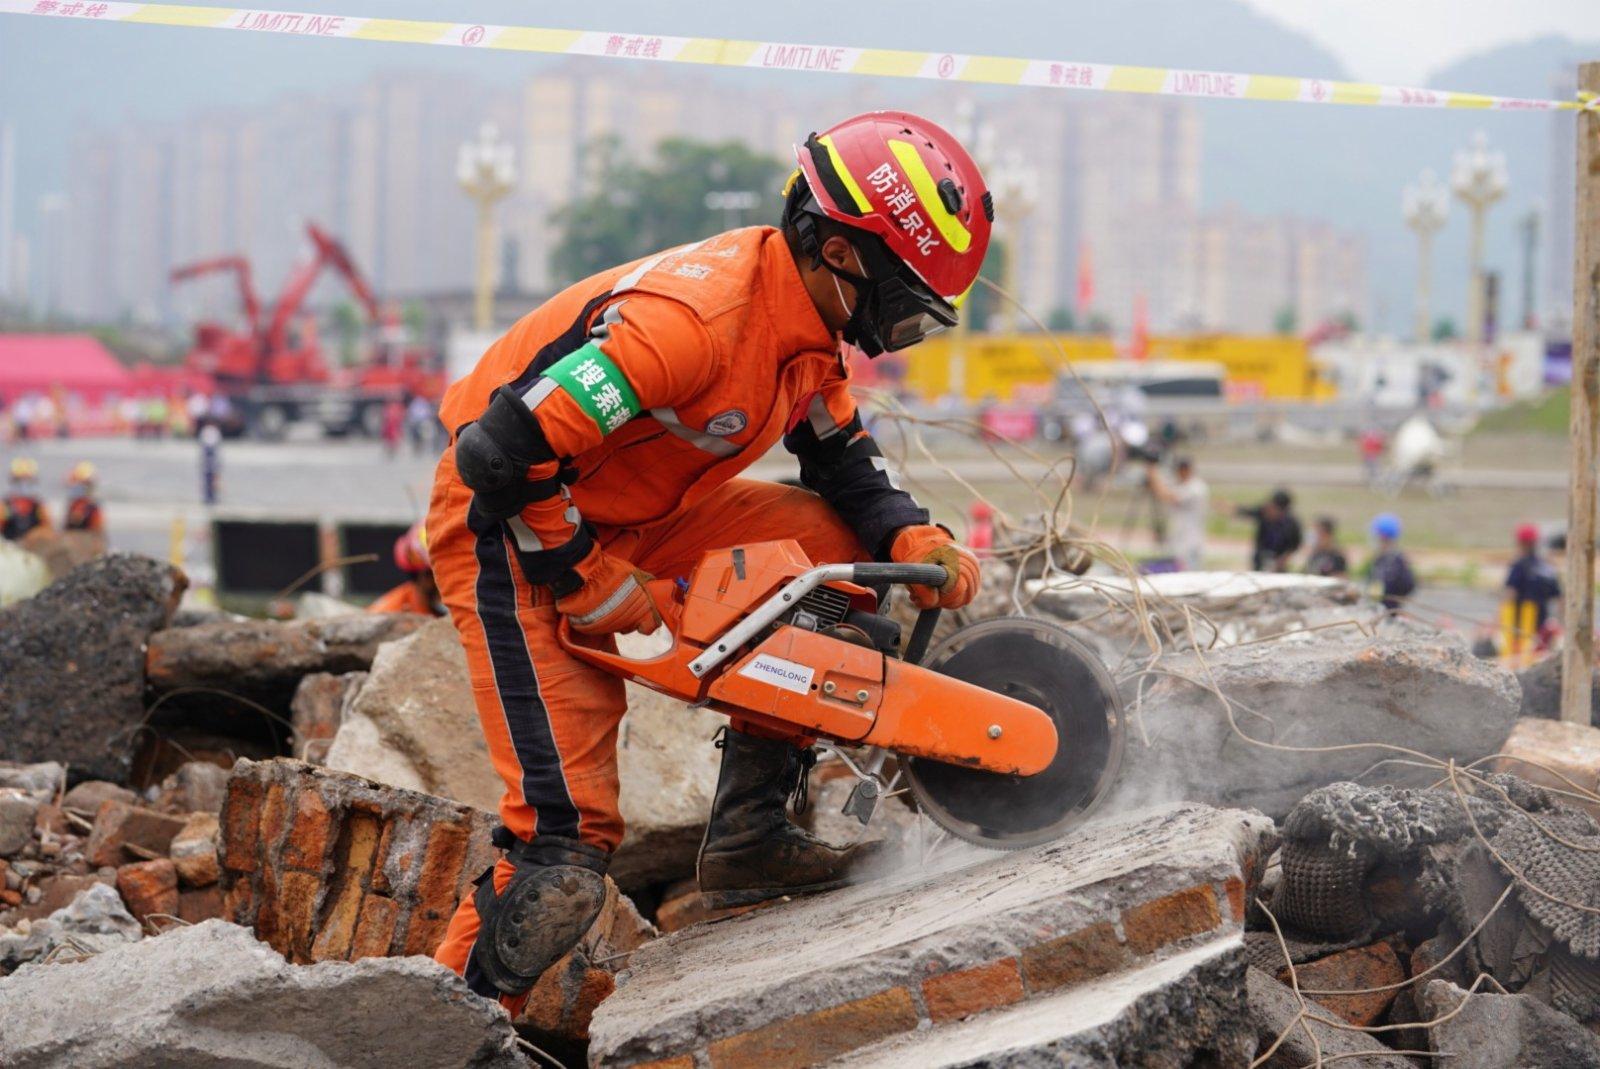 5月14日,參演人員在四川省雅安市雨城區演習現場進行演練。(新華社)